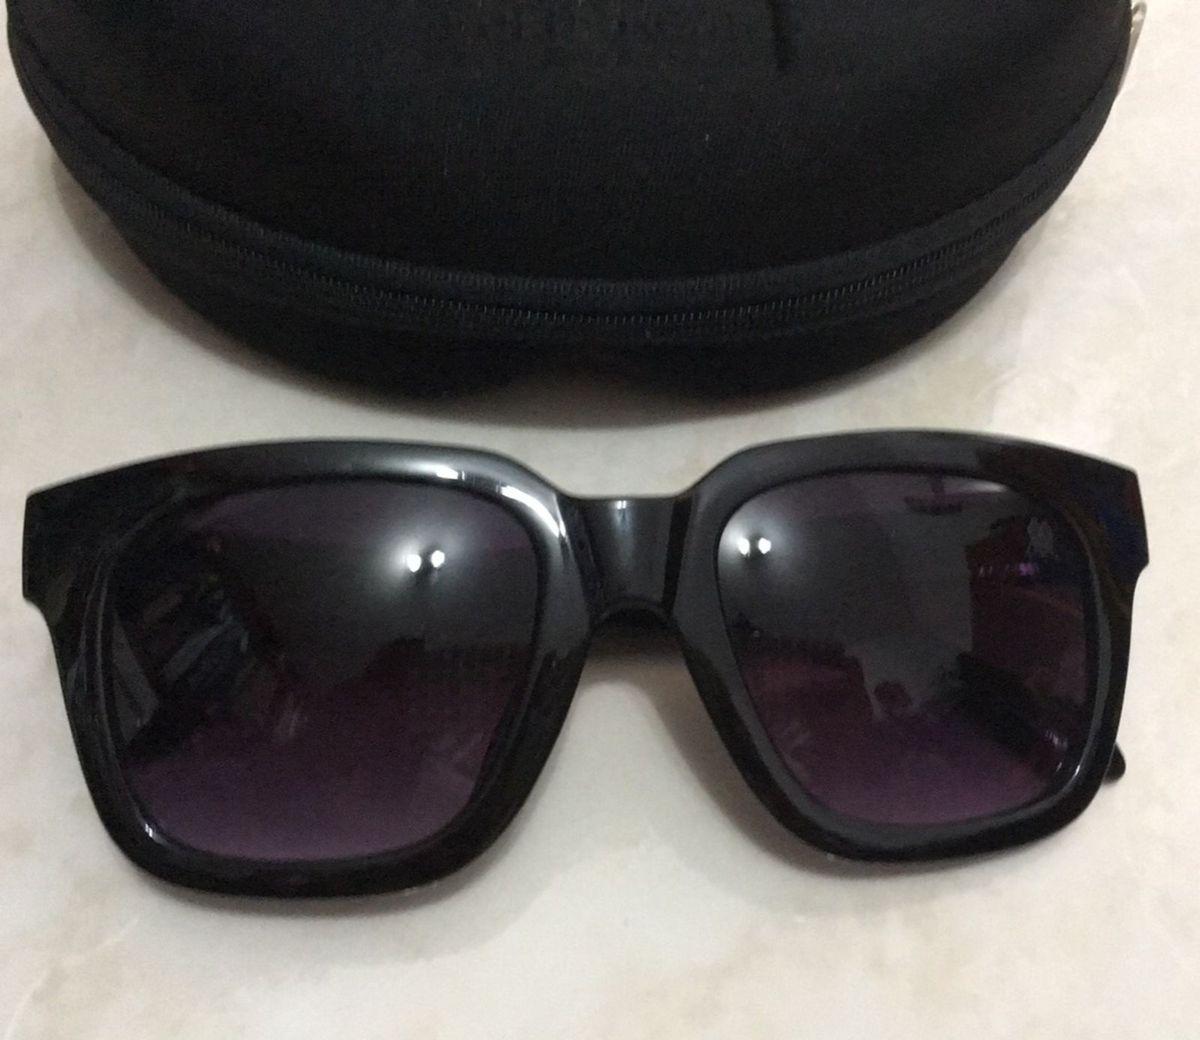 óculos de sol polo - óculos polo-wear.  Czm6ly9wag90b3muzw5qb2vplmnvbs5ici9wcm9kdwn0cy80odu1mzgvmtzkowzhmme1ntewnju5zwuxzda0zdc5njblmgnjndeuanbn  ... 3d5199c9f5